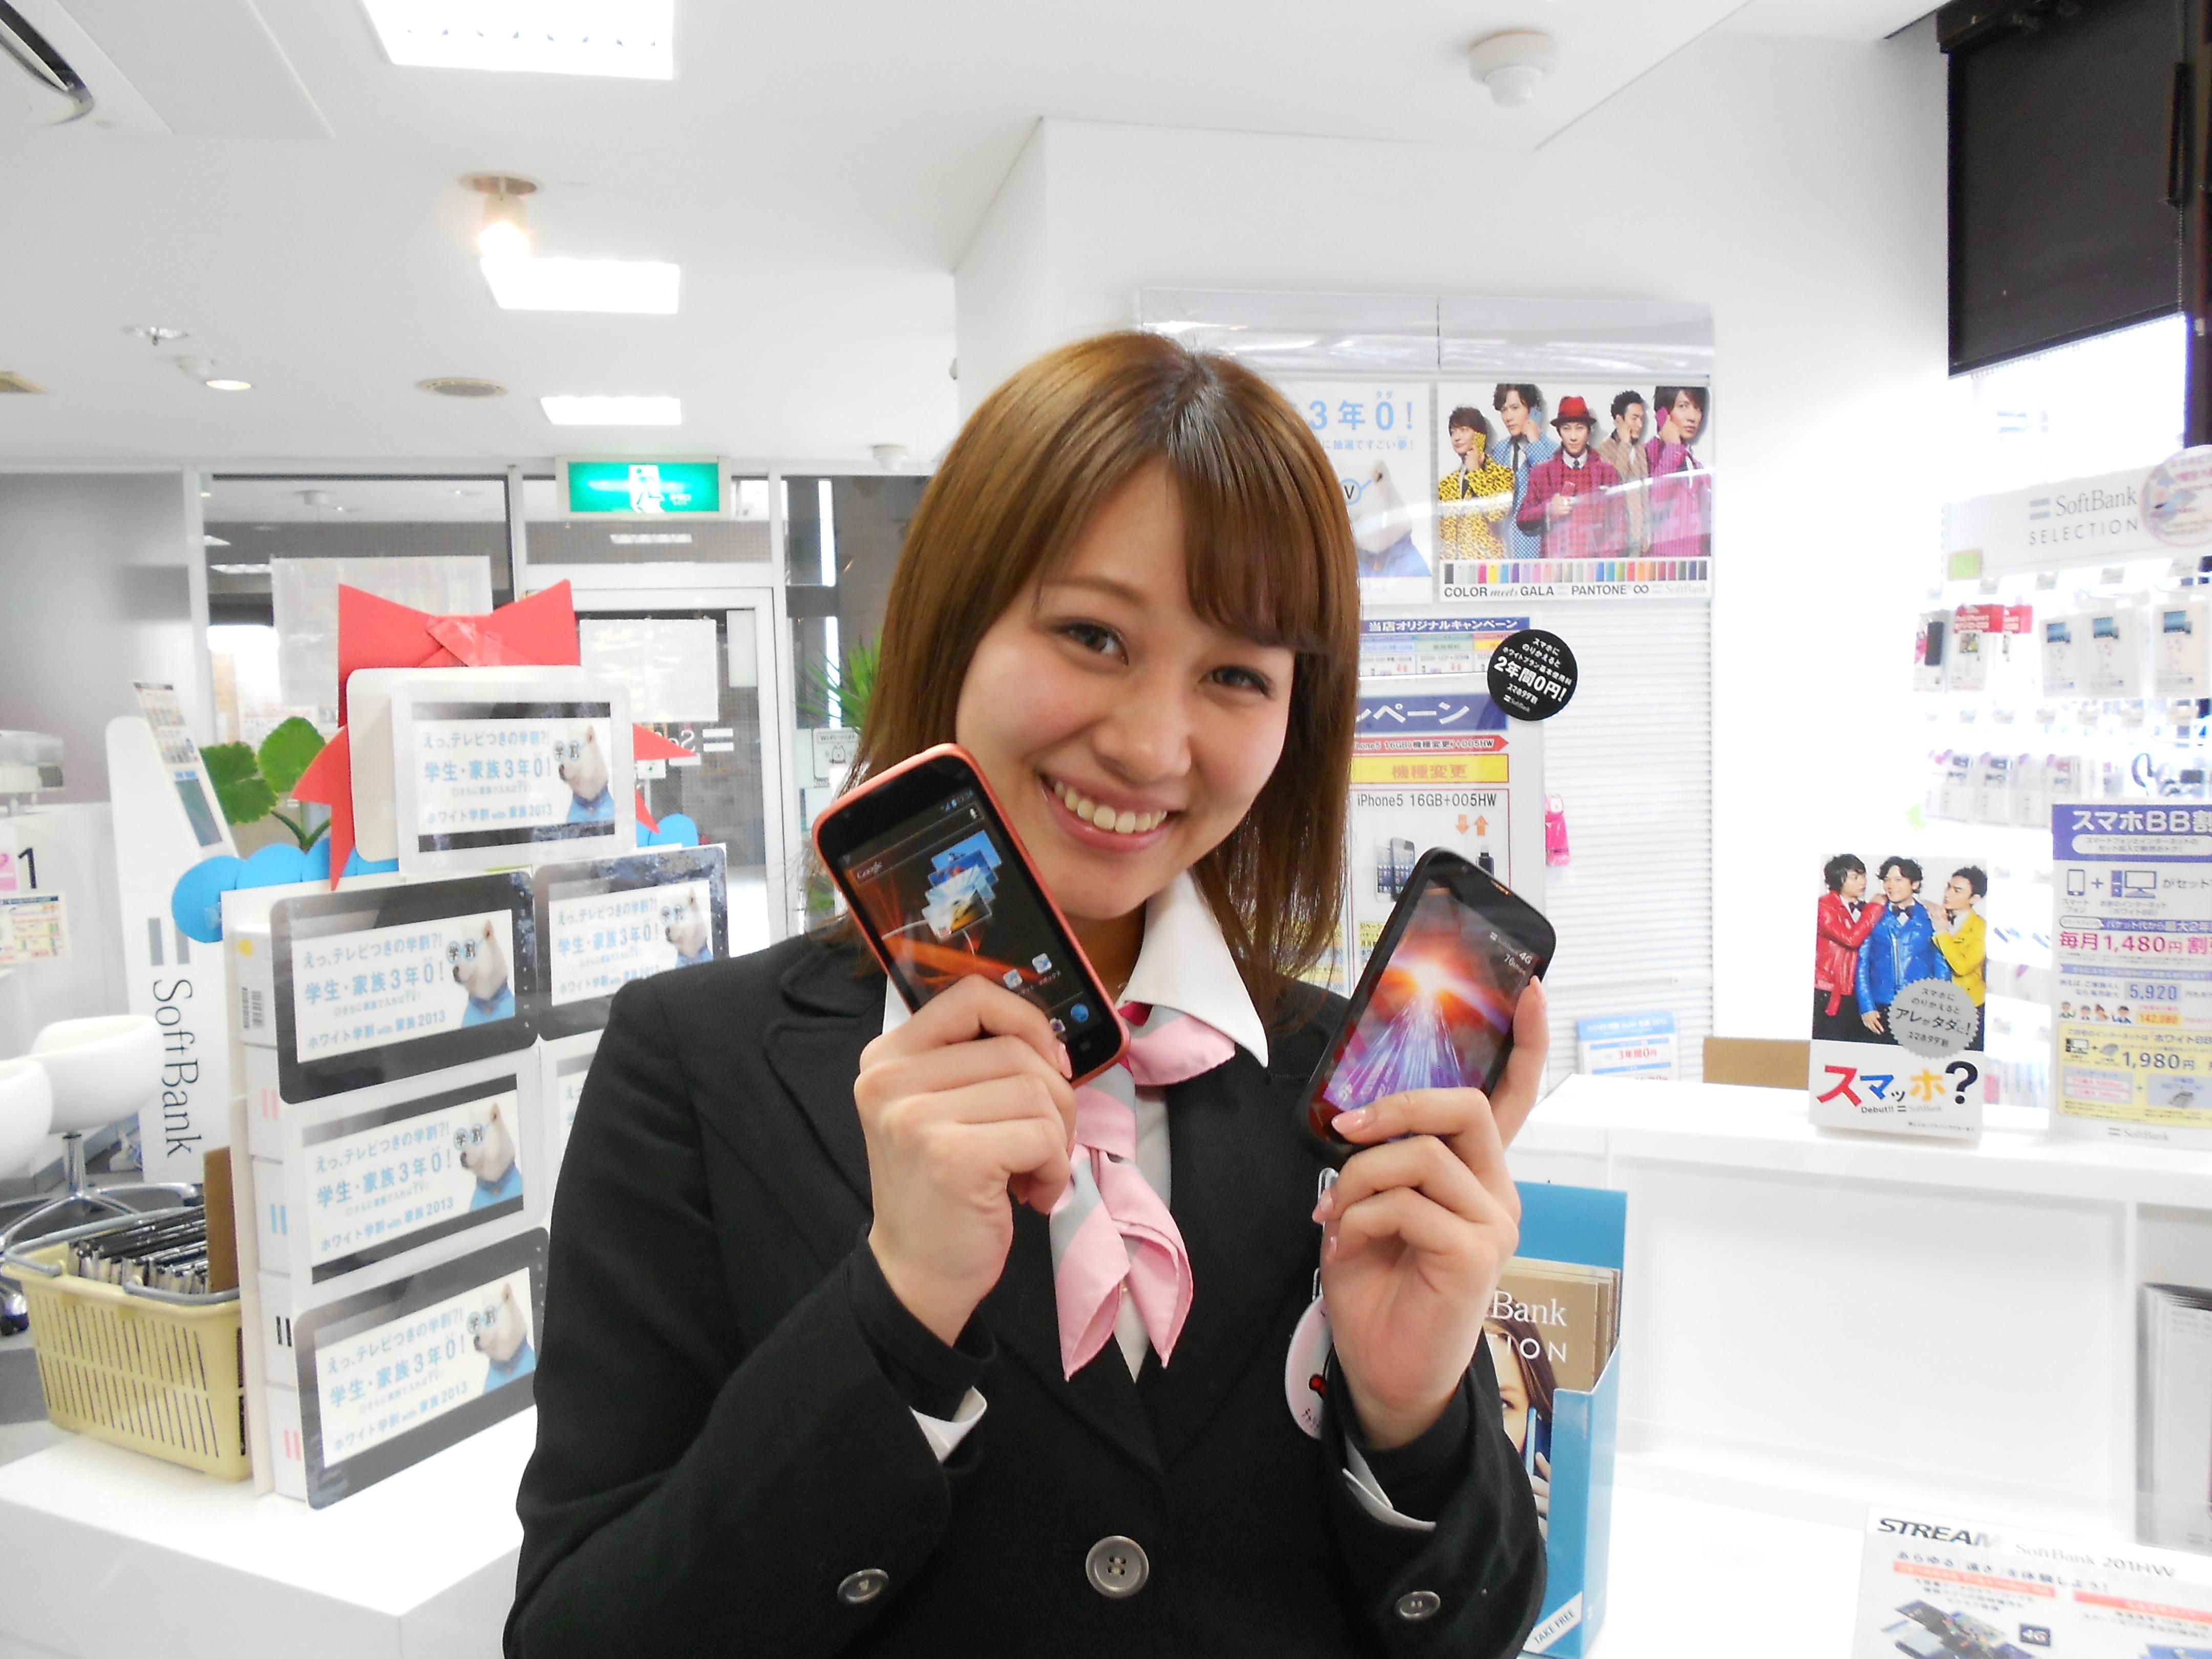 ワイモバイル フォレストモール新前橋(株式会社シエロ)のアルバイト情報